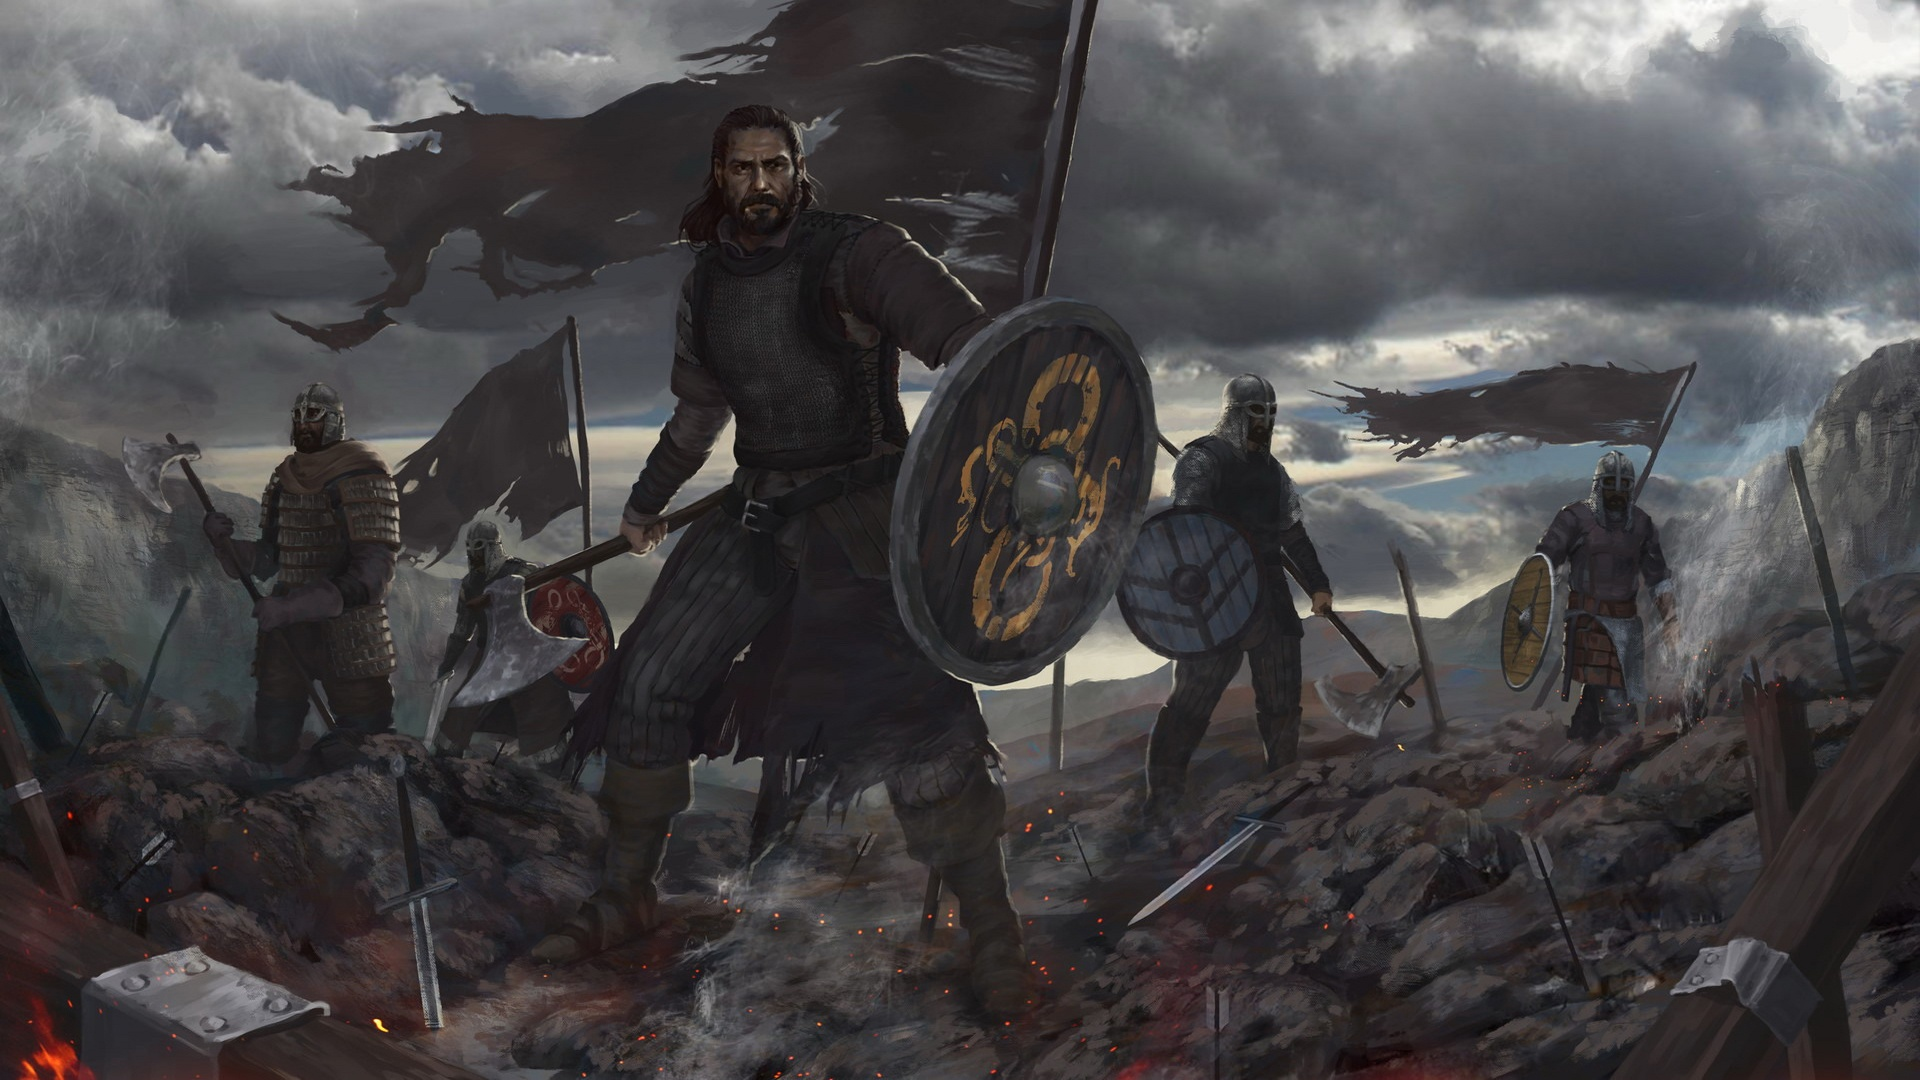 зрители родители картинки викинги в бою сделаем все